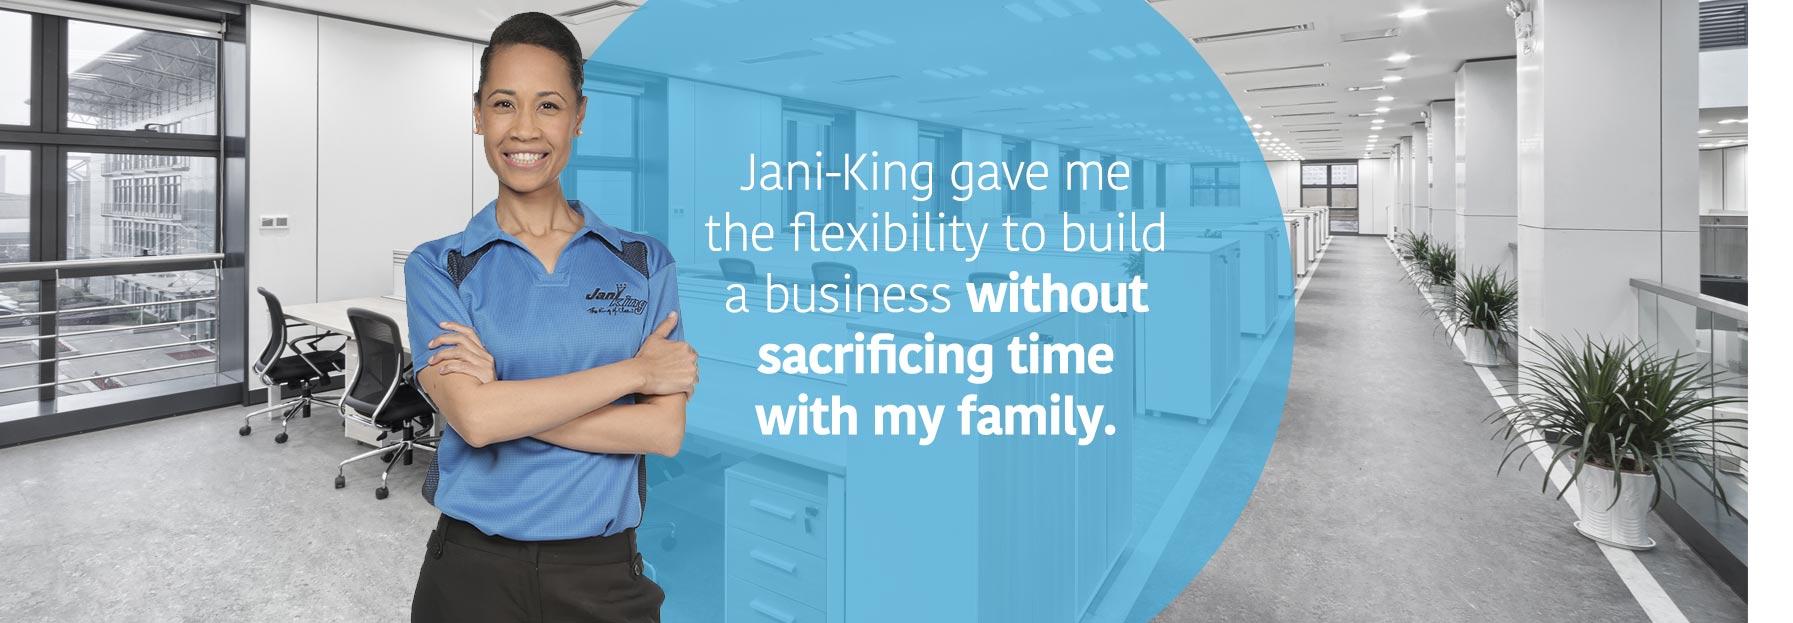 Jani-King Unit Franchise Opportunity